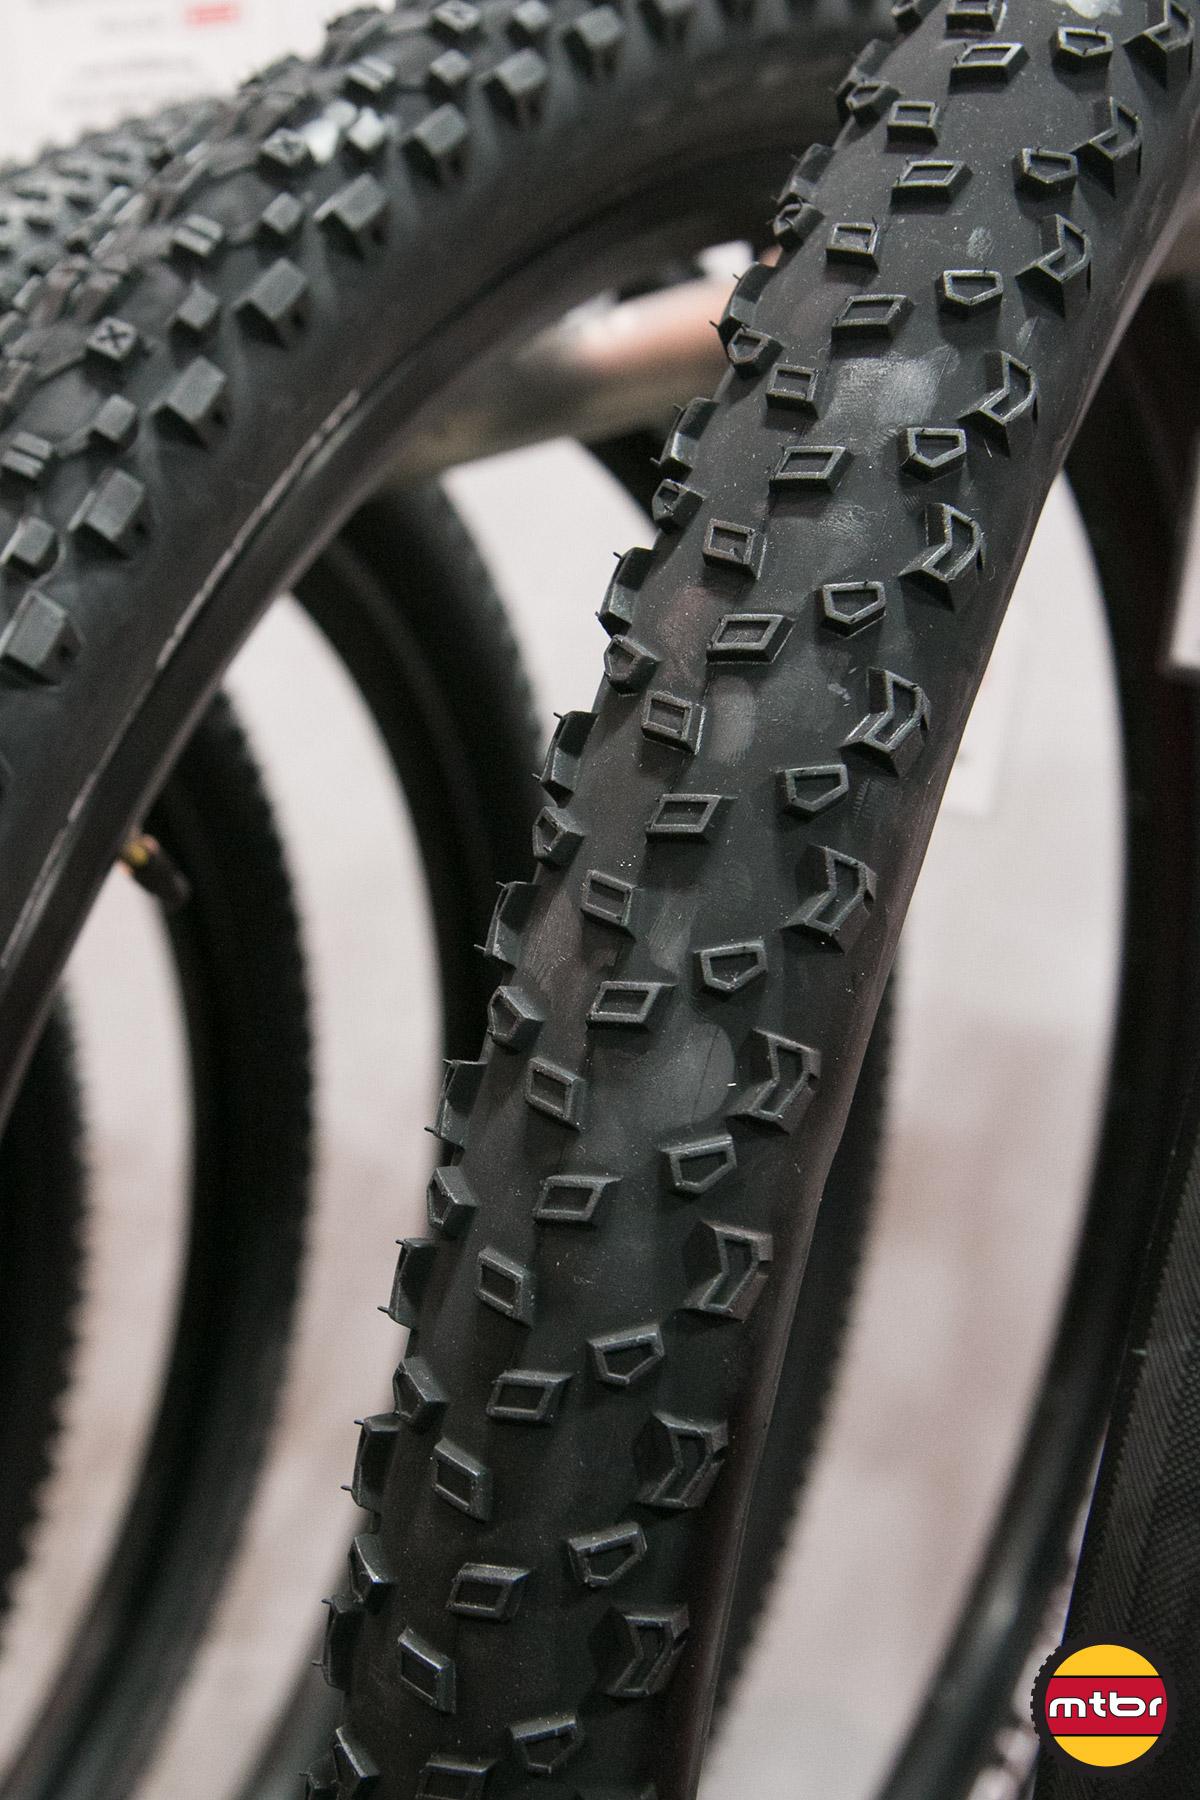 Panaracer Quasi-moto Tire